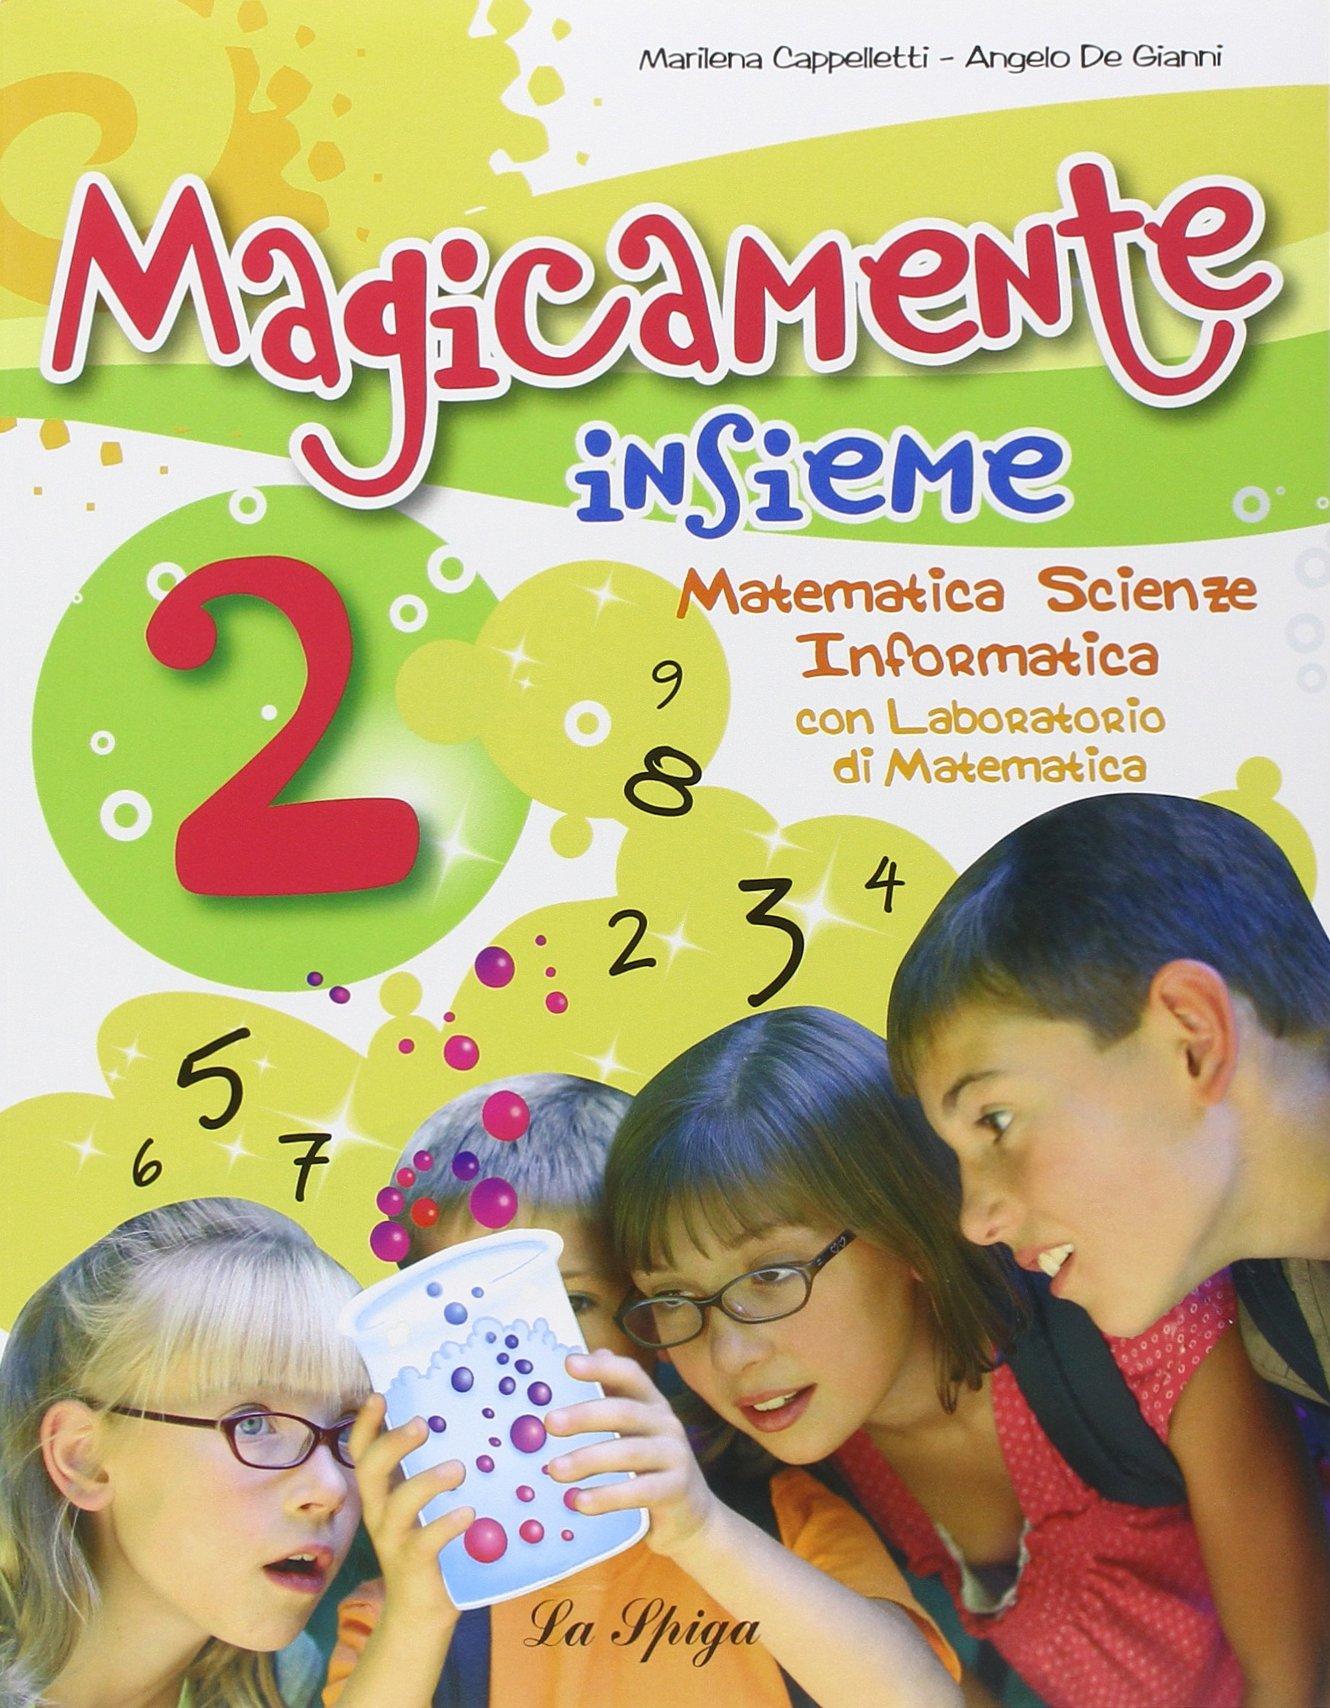 MAGICAMENTE INSIEME 2 ITALIANO PDF DOWNLOAD